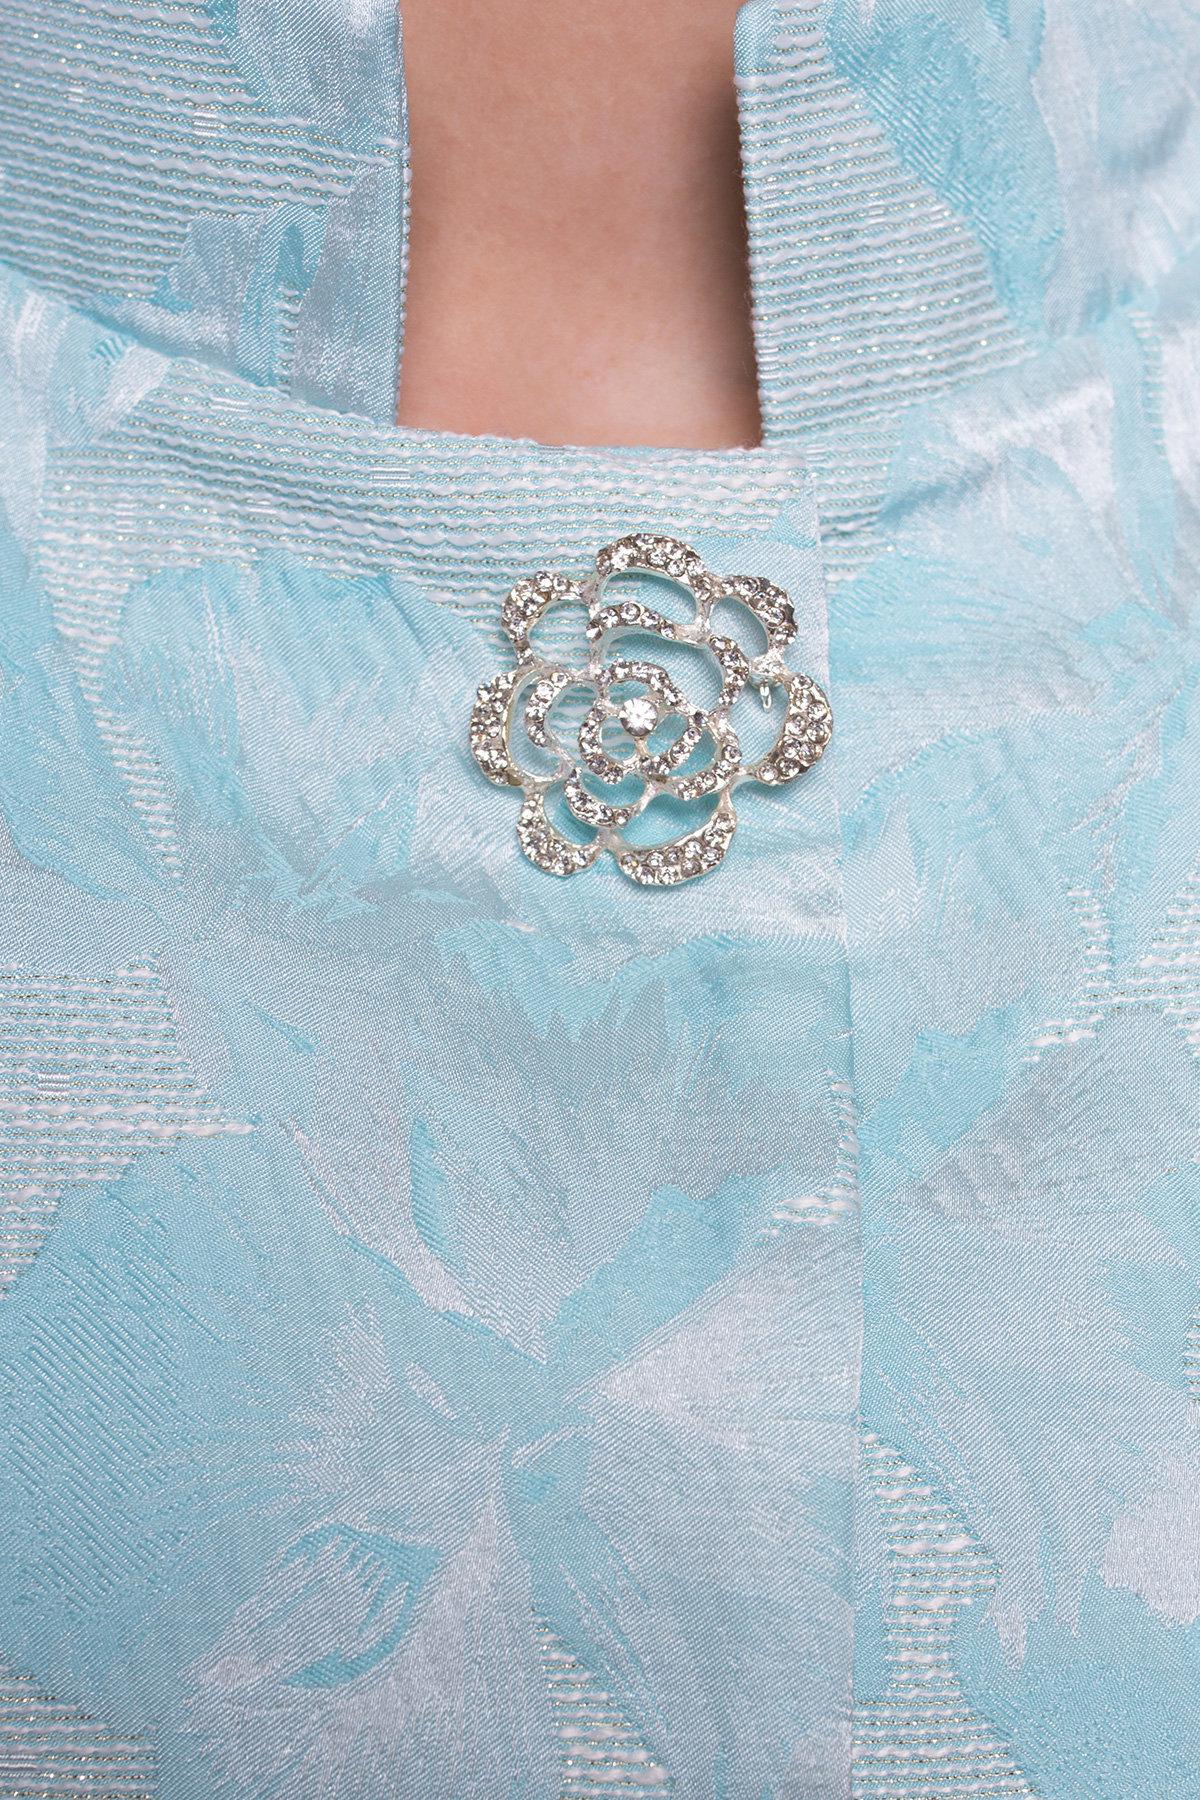 Укороченный плащ прямого кроя Флоренция 4674 Цвет: Бирюза/серебро